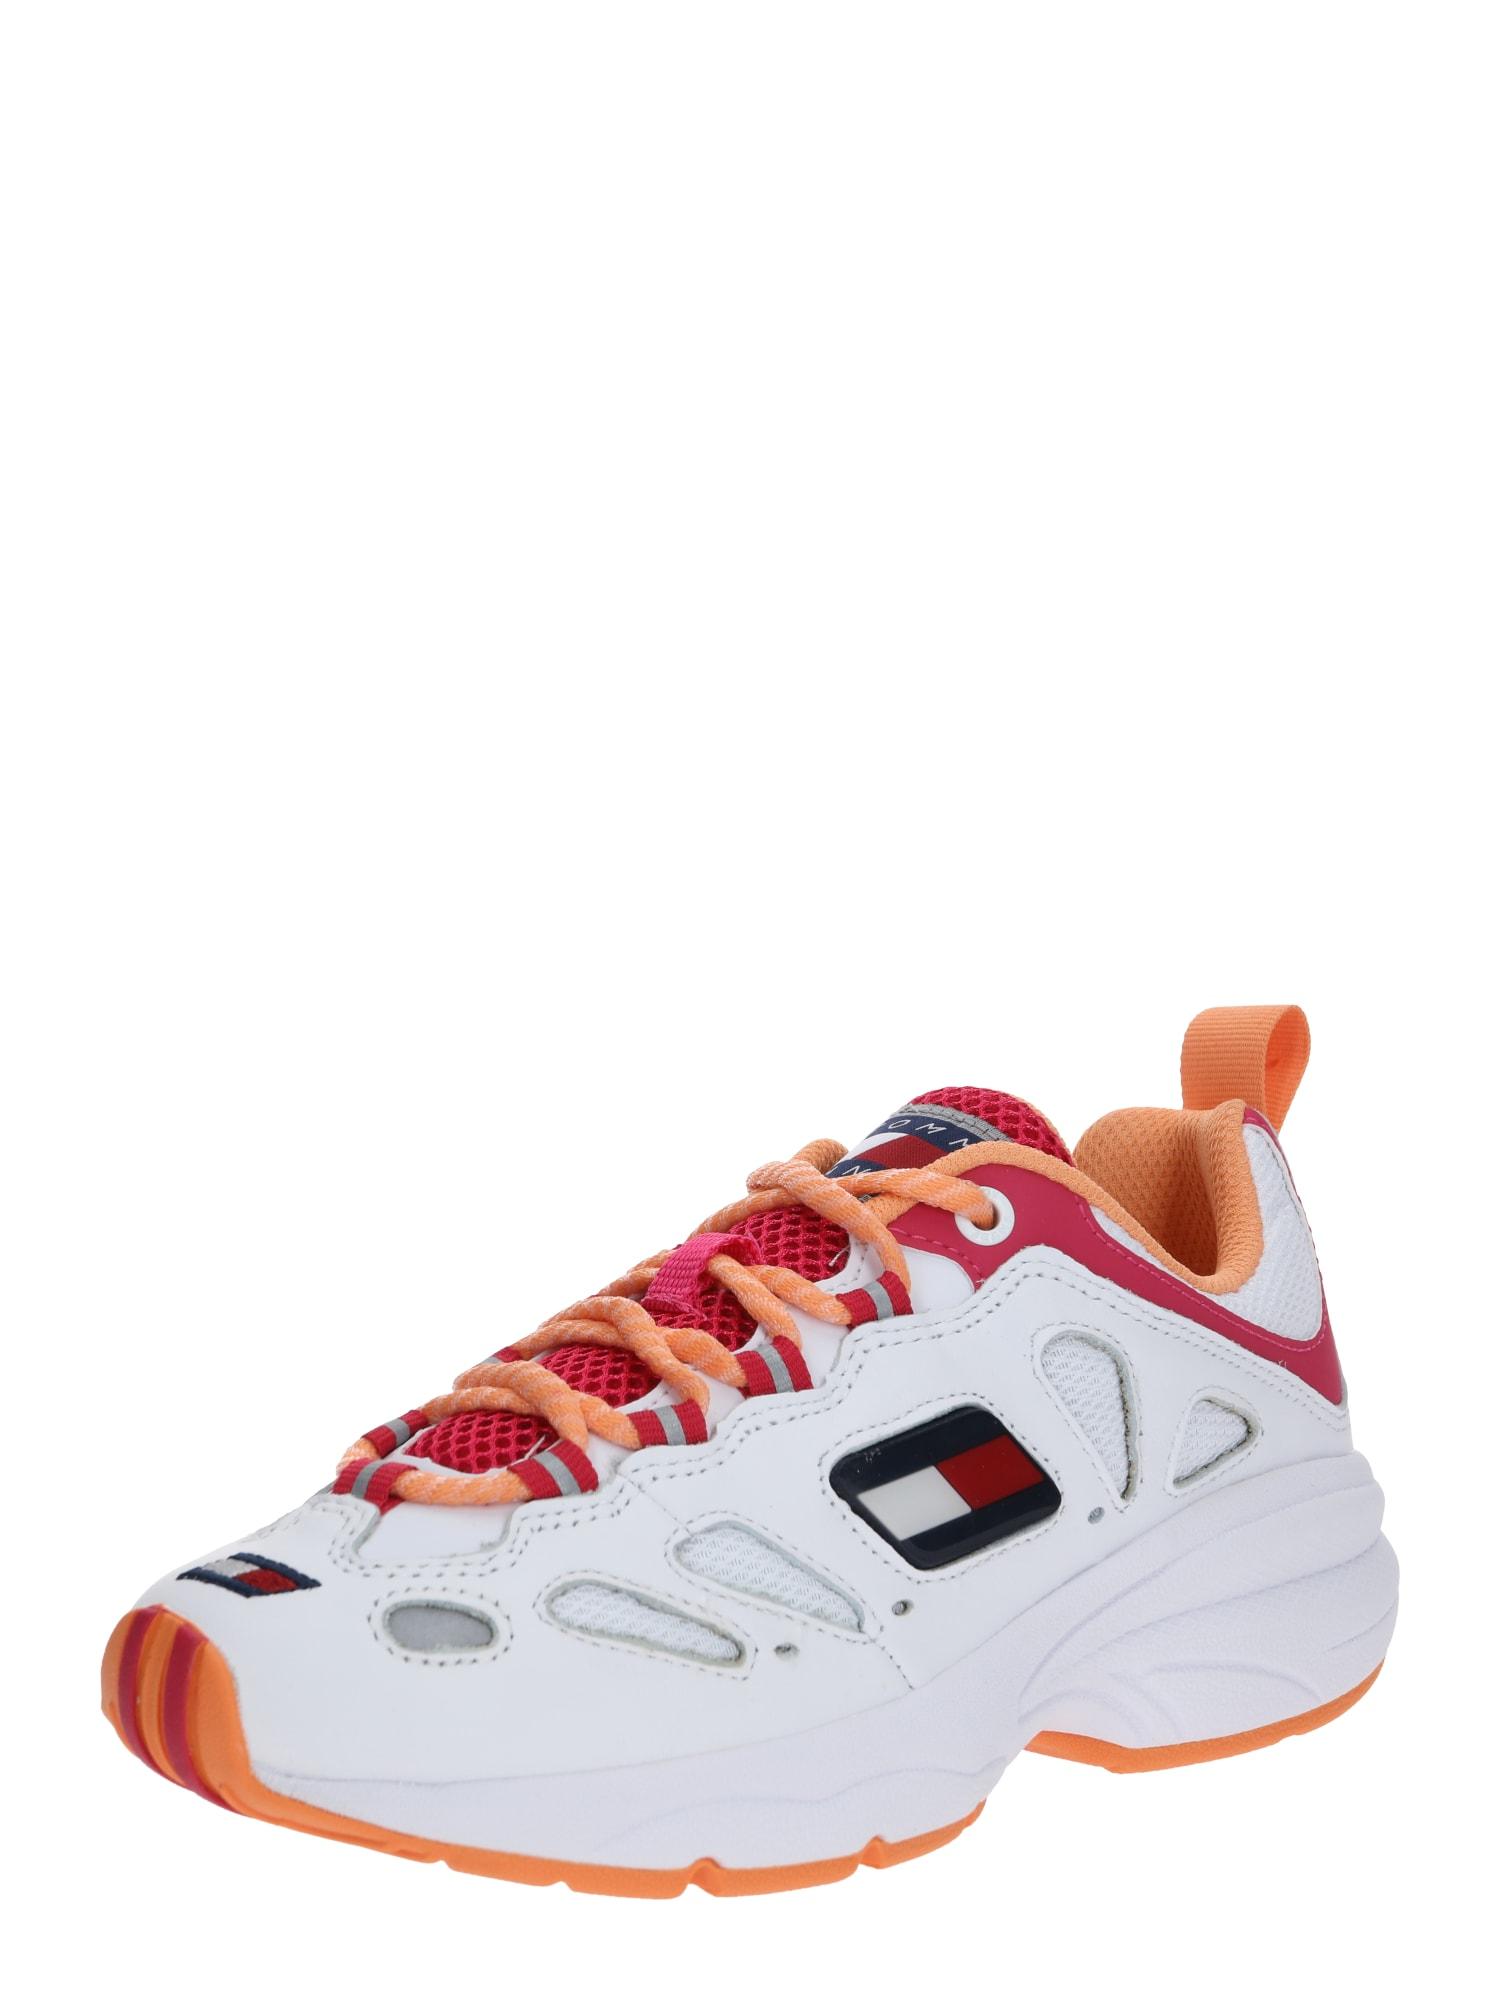 Tommy Jeans Nízke tenisky 'HERITAGE RETRO'  biela / oranžová / červené